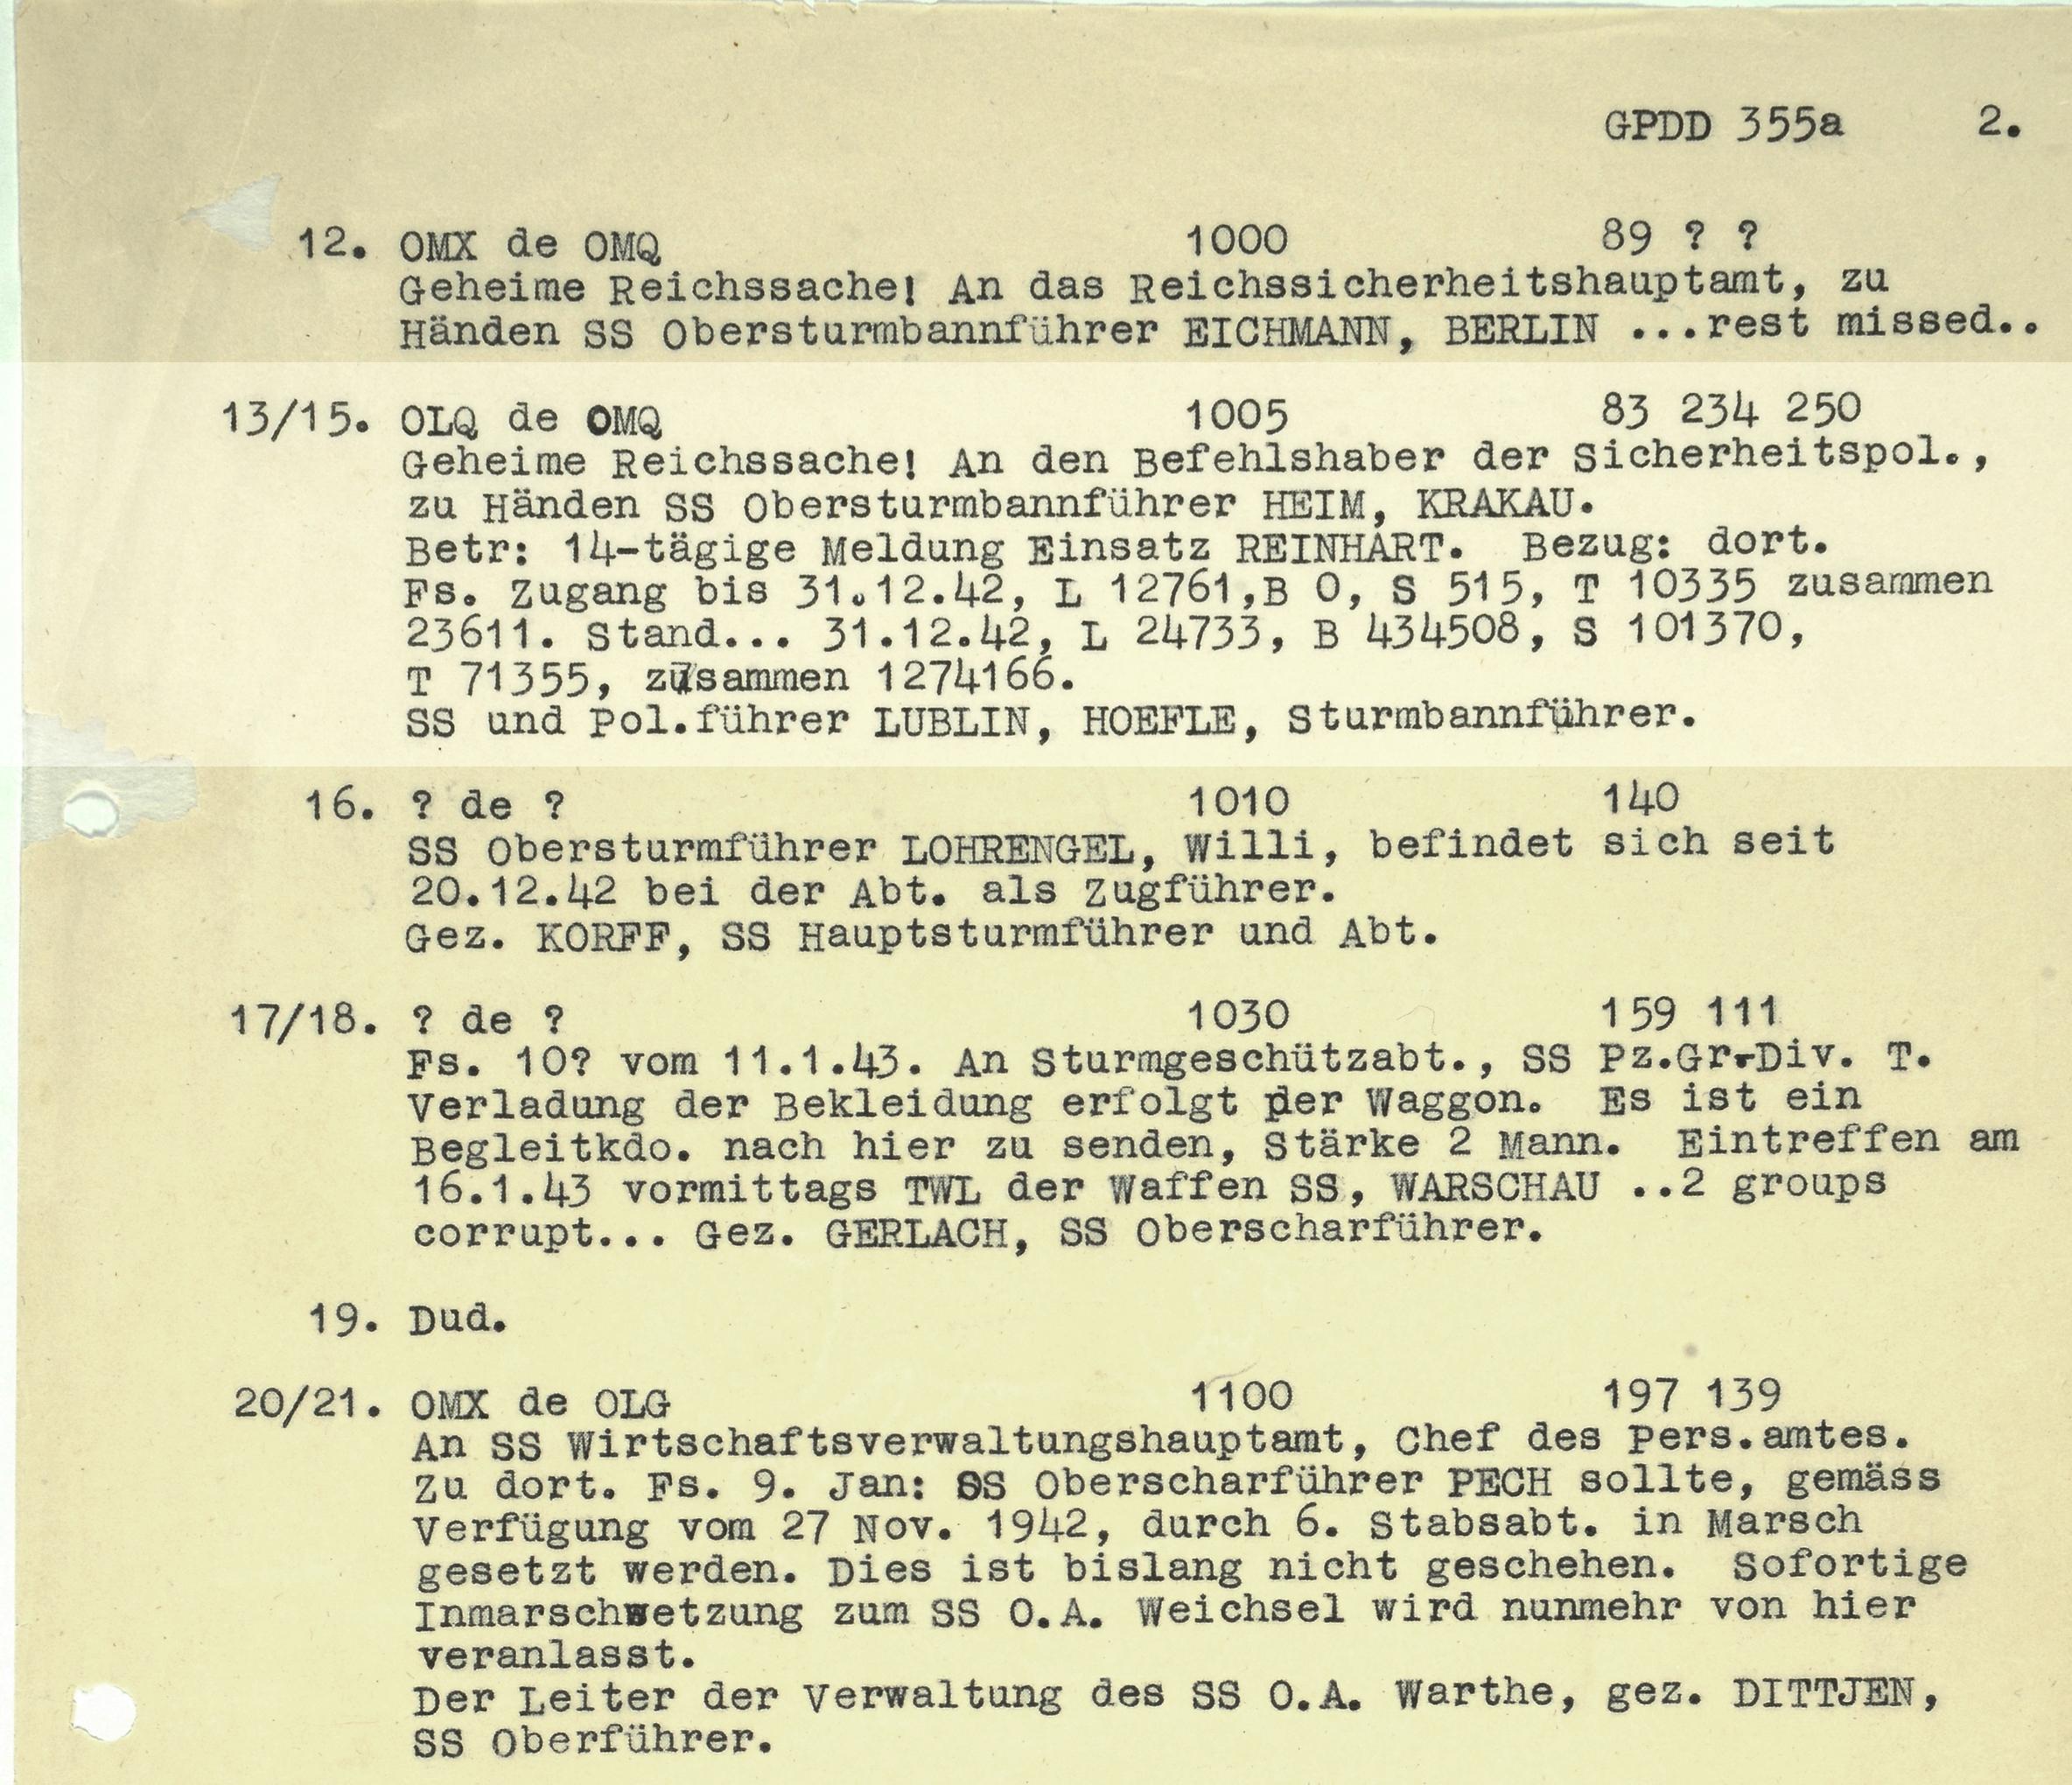 HW 16 23 Hoefle telegram